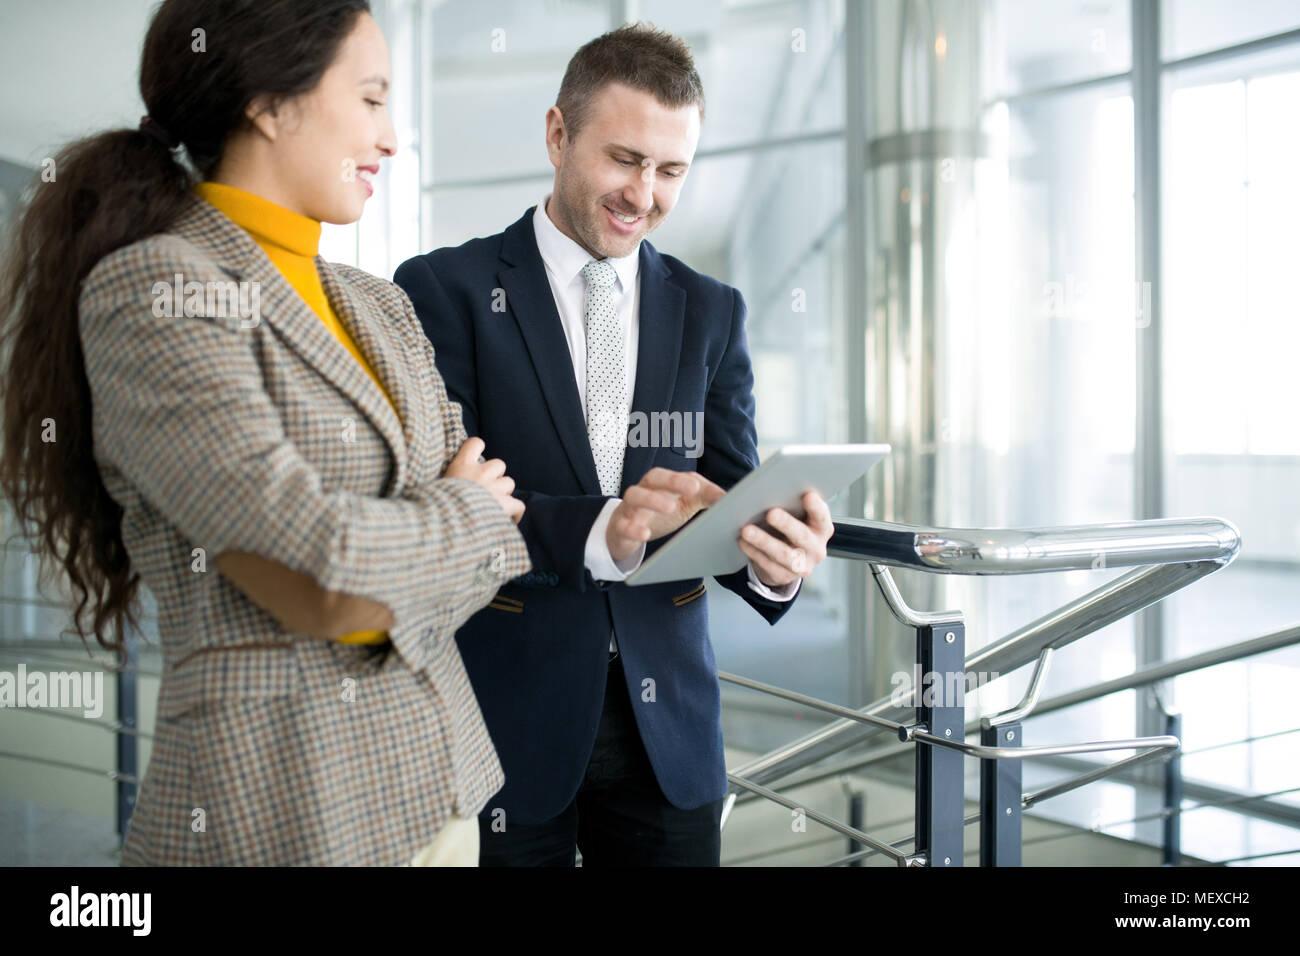 Empresario positivo con assistant utilizando tablet Imagen De Stock